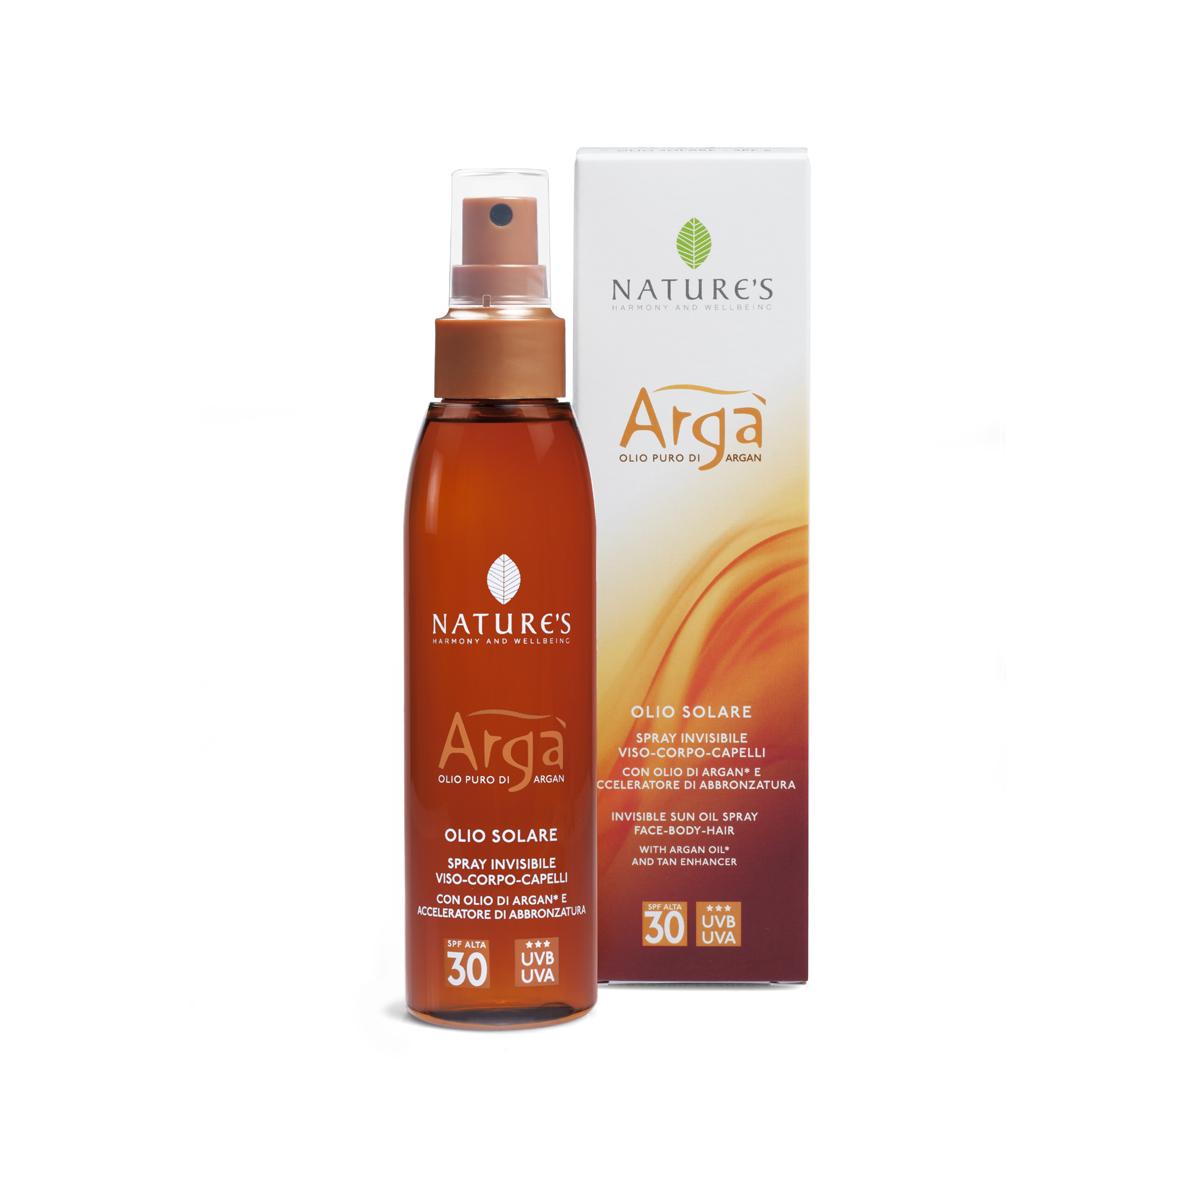 Natures Arga Масло для лица и тела SPF30, 150 мл10023249Инновационное средство с высоким фактором защиты от солнца рекомендуется для светлой (бледной) и нормальной кожи. Свежая, легкая, незаметная текстура на основе масла Арги содержит витамины и антиоксиданты, надежно сохраняет, увлажняет и питает кожу, быстро впитывается, не оставляя жирного блеска. Специальные компоненты – активаторы загара Oleoyl tyrosine (Олеоил Тирозина) и Loofah oil (масло Люфы) способствуют получению красивого бронзового оттенка кожи. Эксперты (BSRS 2008) отмечают хорошую защиту от фотостарения (UVA-лучей) и от повреждения кожных покровов (UVB-лучей). Эсхансеры обеспечивают доставку активных компонентов через эпидермис, не повреждая естественный липидный слой кожи. Средство водостойкое, не содержит парабены. Проведены контрольные дерматологические тесты и тесты на содержание никеля. Гарантии производителя – на упаковке.